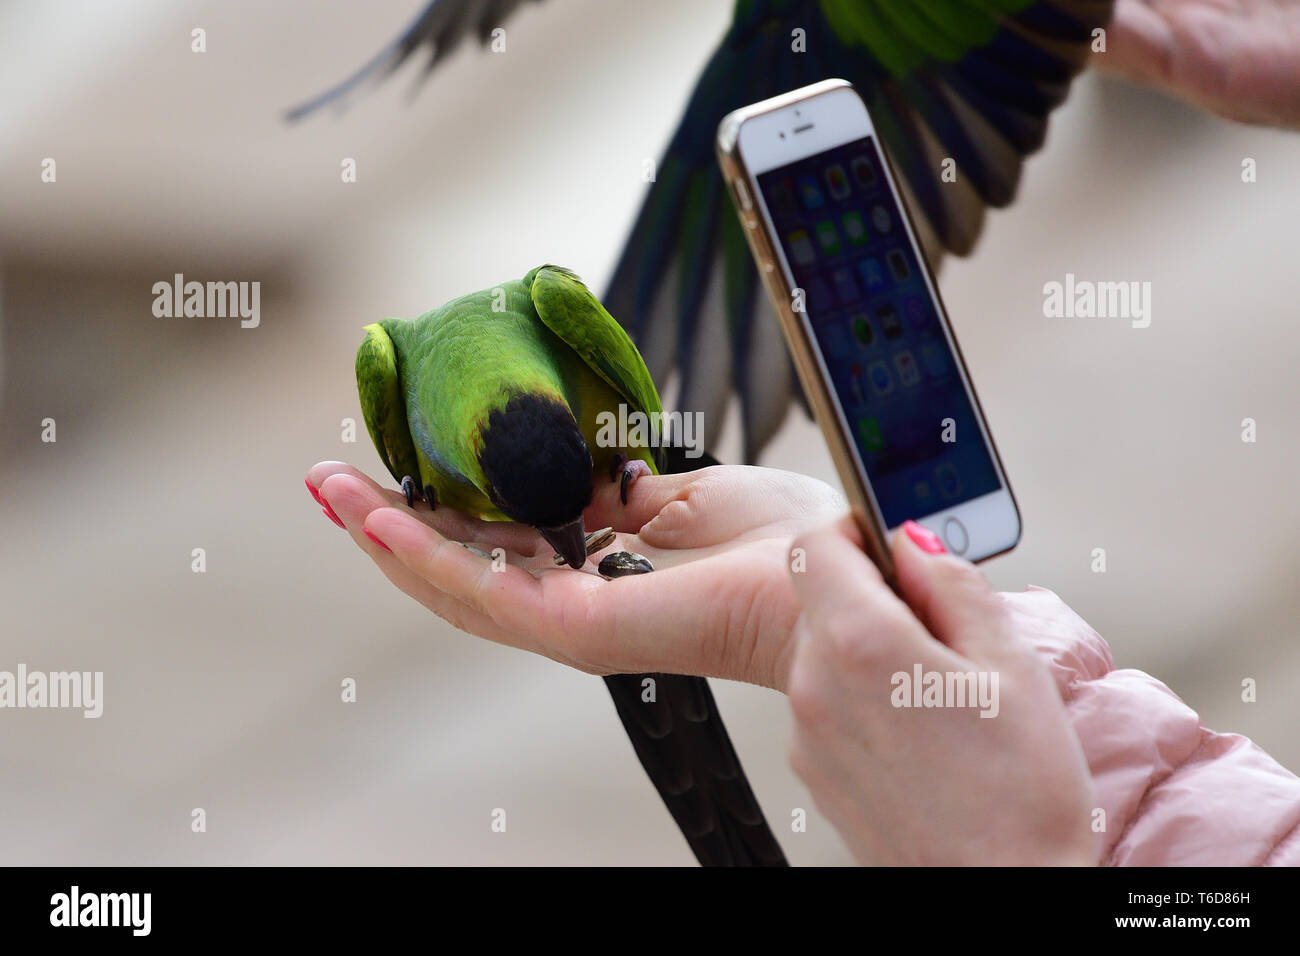 Porträt einer Person, die ein Foto von einem nanday parakeet (aratinga nenday) samen Essen aus einer Hand Personen Stockfoto